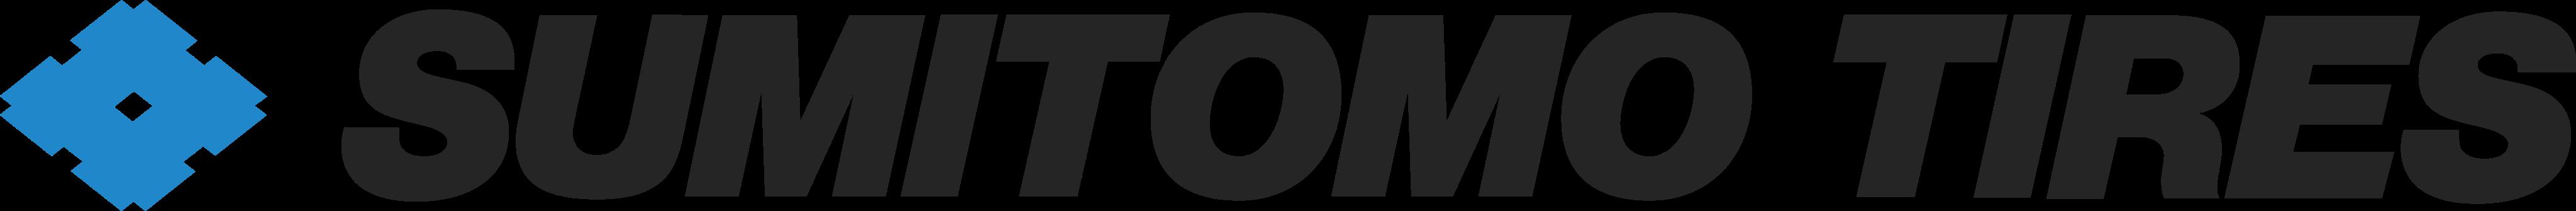 sumitomo tires logo - Sumitomo Tires Logo